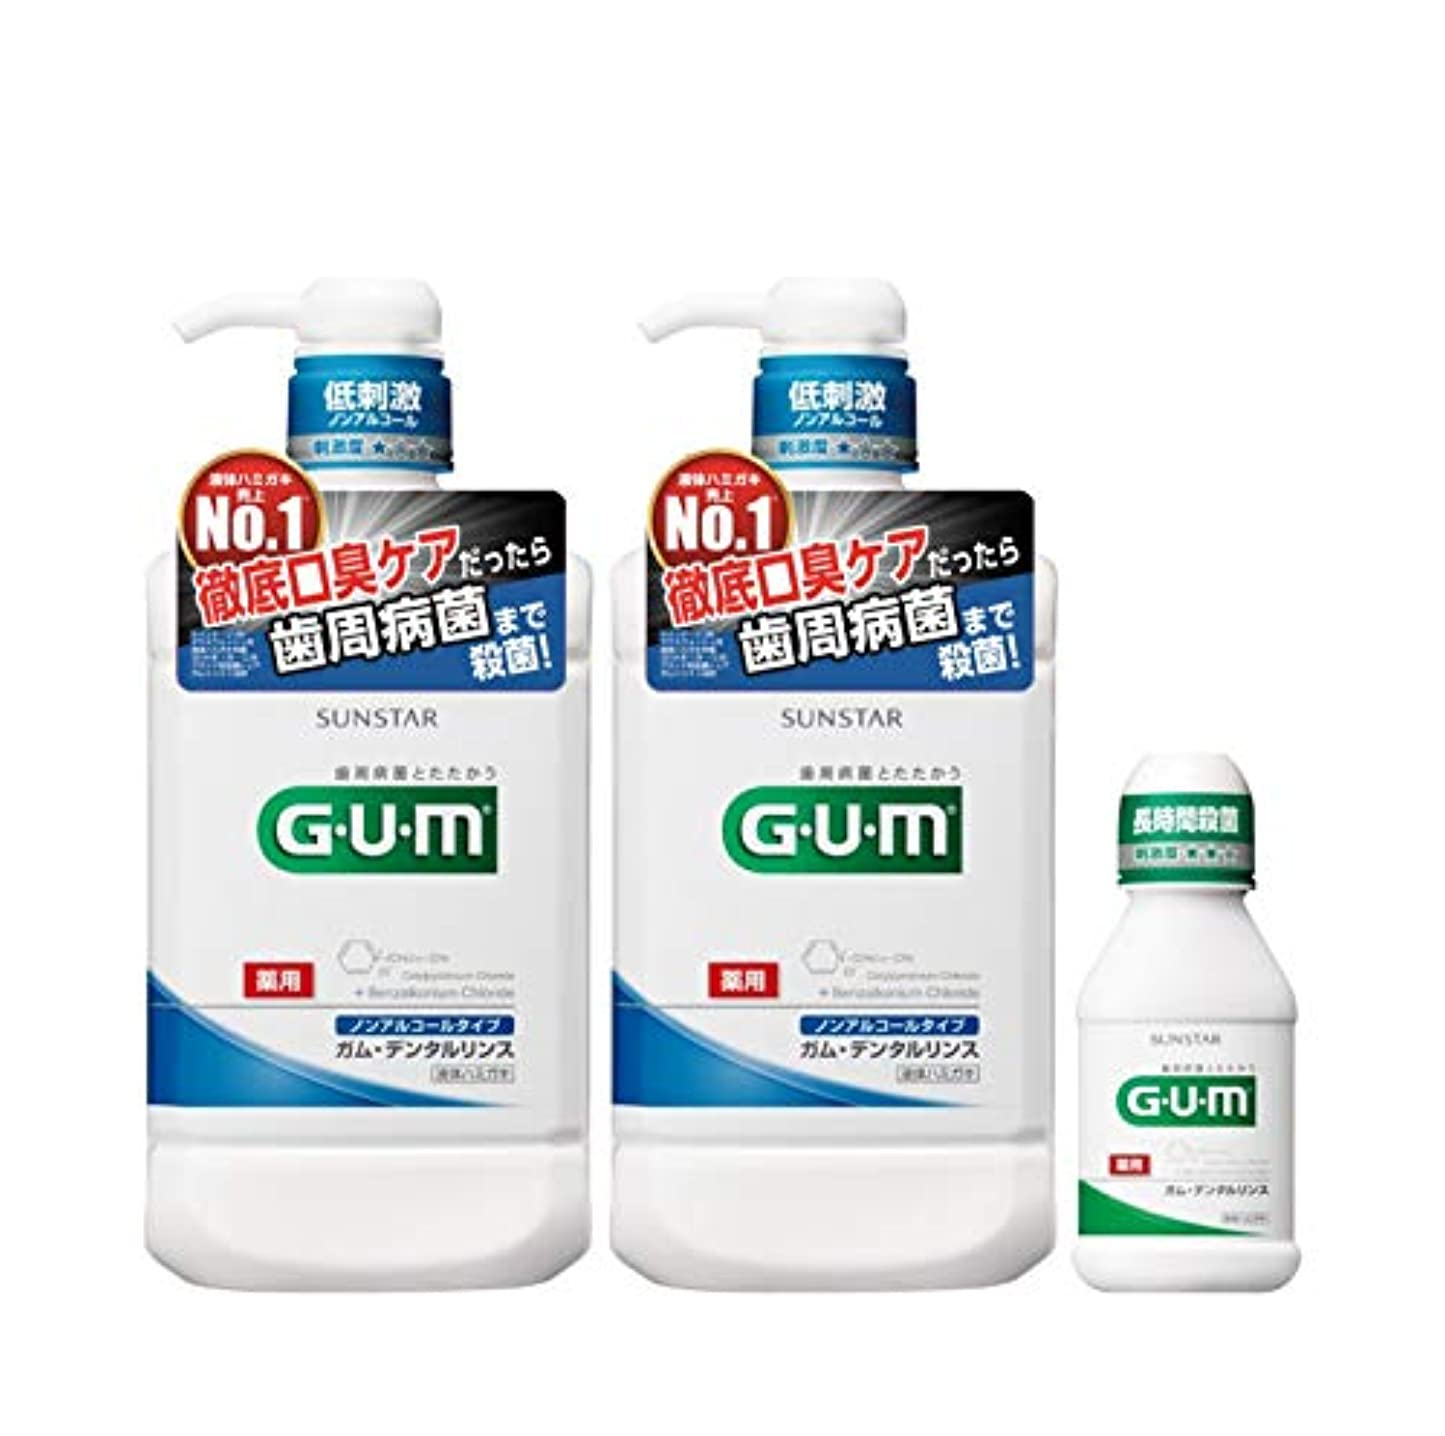 楽観タバコ立法(医薬部外品) GUM(ガム) デンタルリンス ノンアルコールタイプ 薬用液体ハミガキ 960mL 2個パック+おまけ付き【Amazon.co.jp限定】